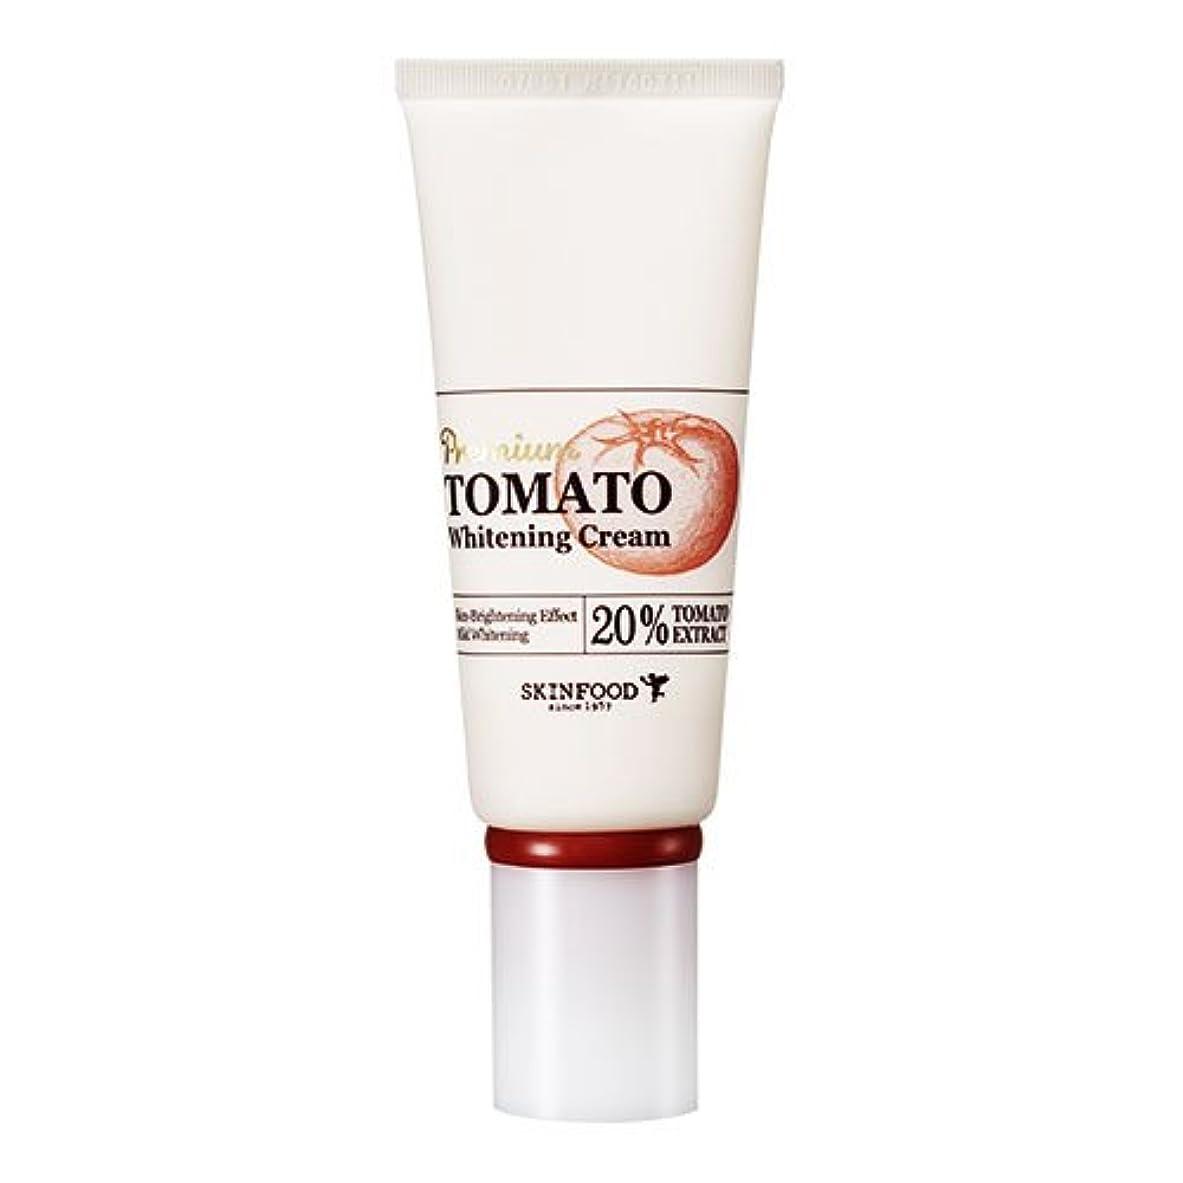 第九ウォーターフロント派手Skinfood プレミアムトマトホワイトニングクリーム(美白効果) / Premium Tomato Whitening Cream (Skin-Brightening Effect) 50g [並行輸入品]